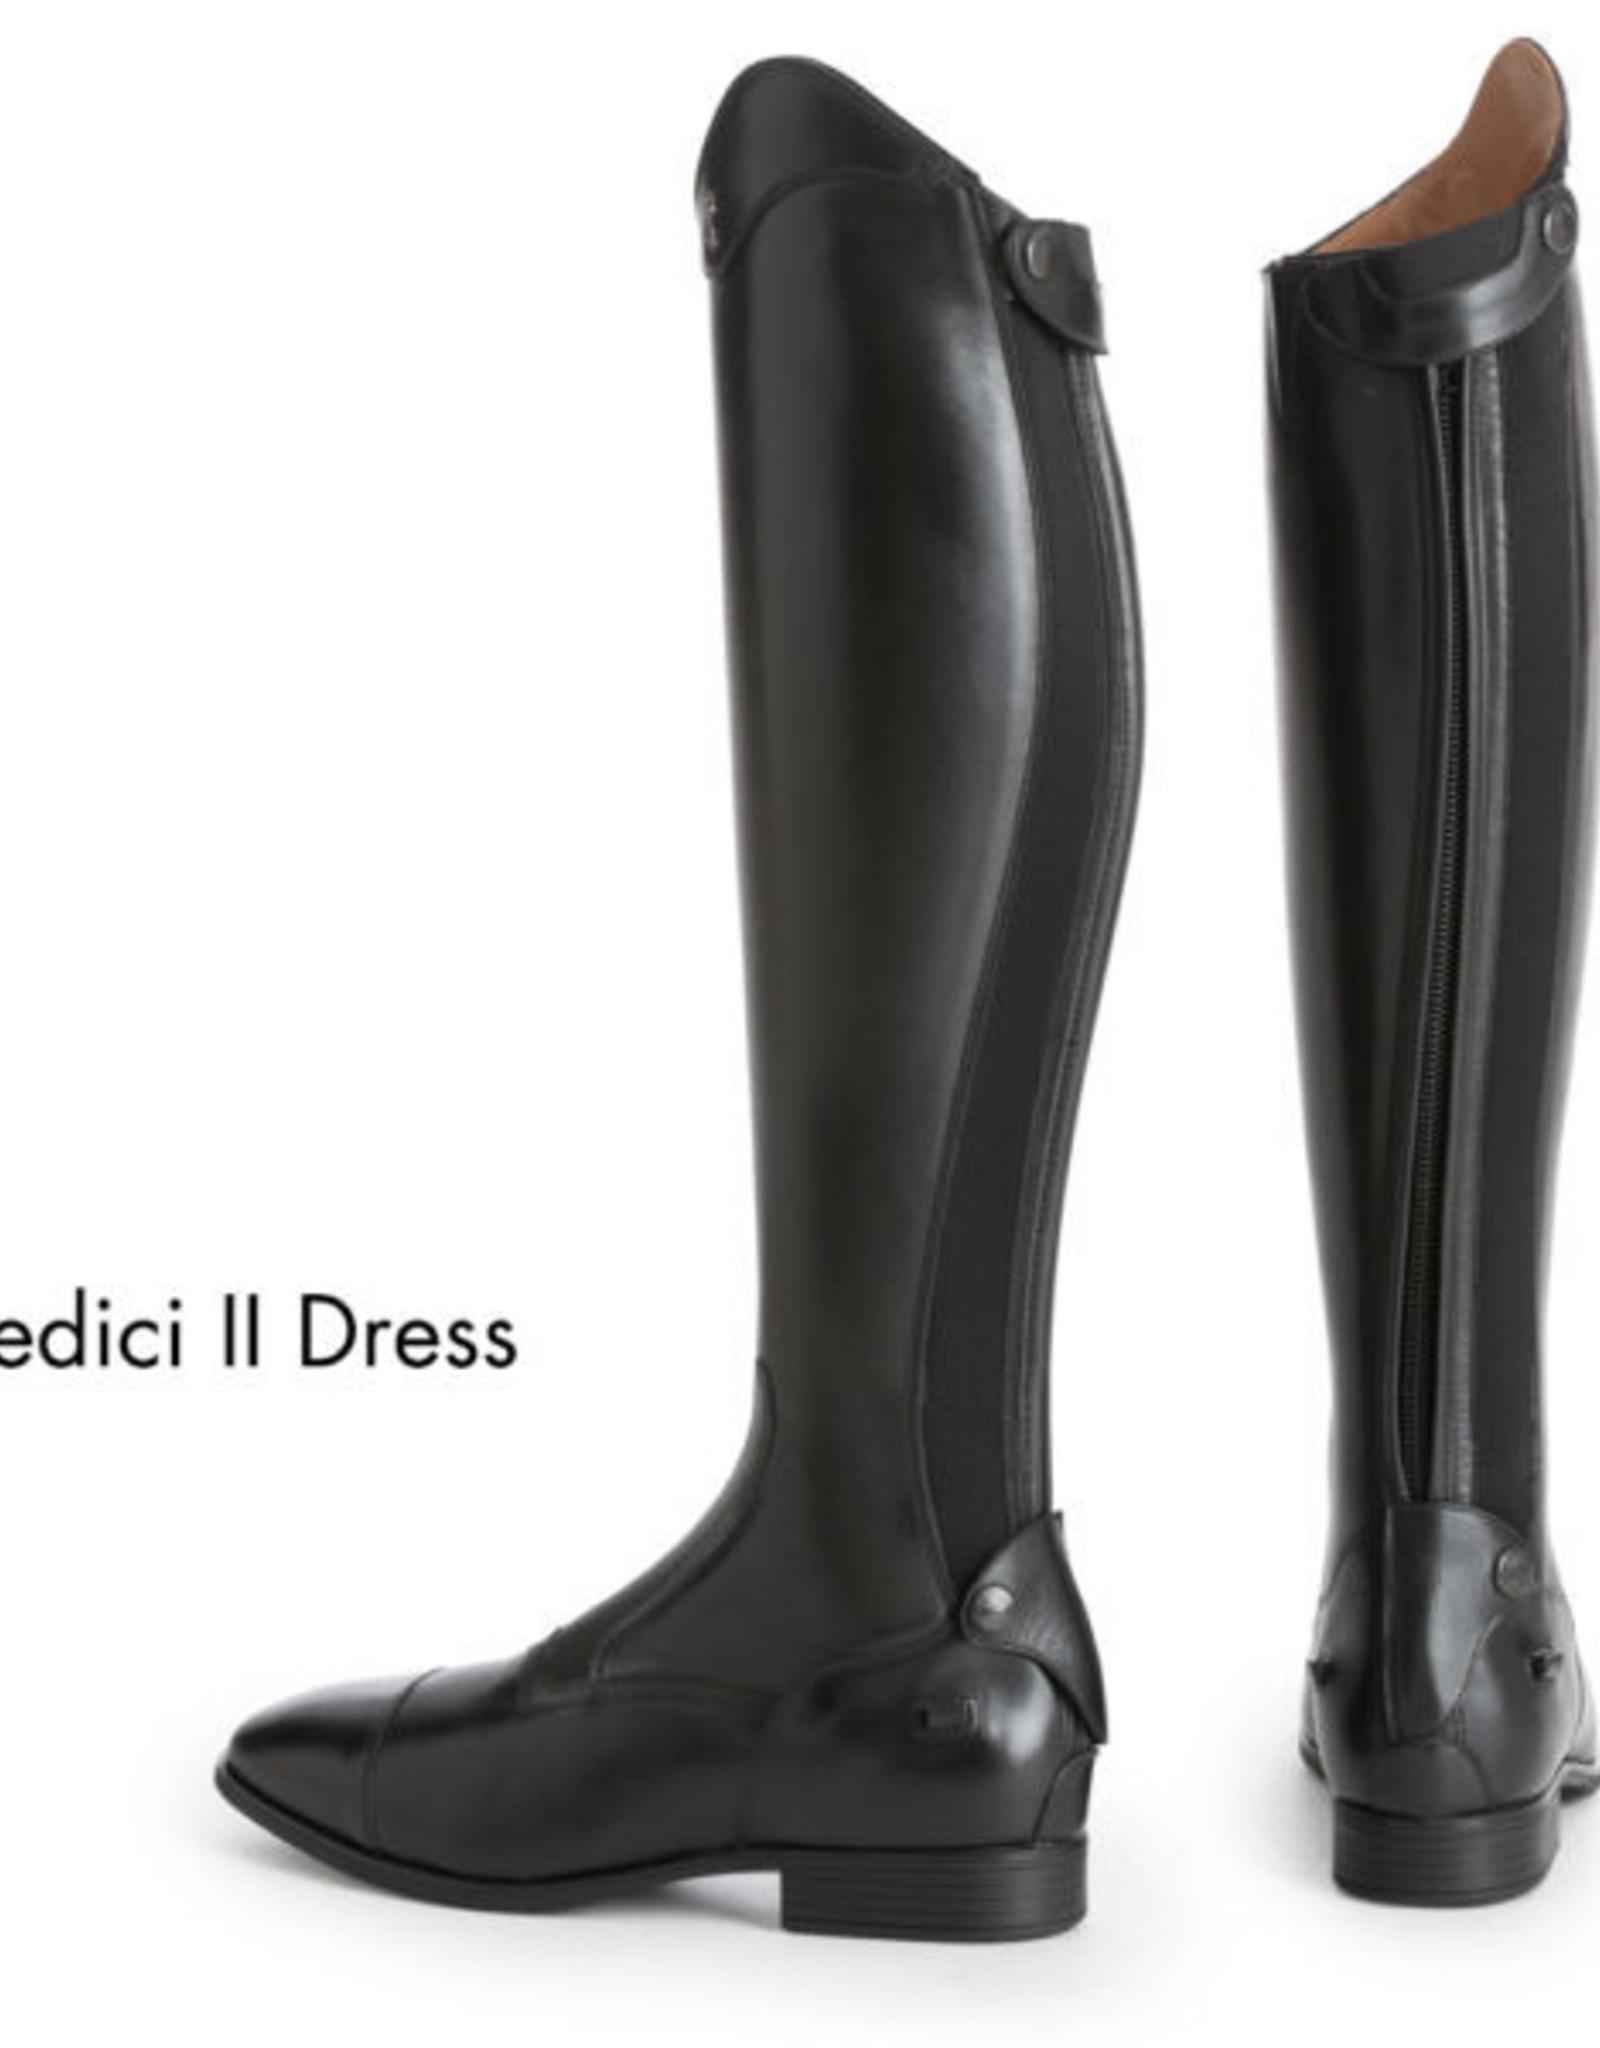 Tredstep Medici II Tall Boot